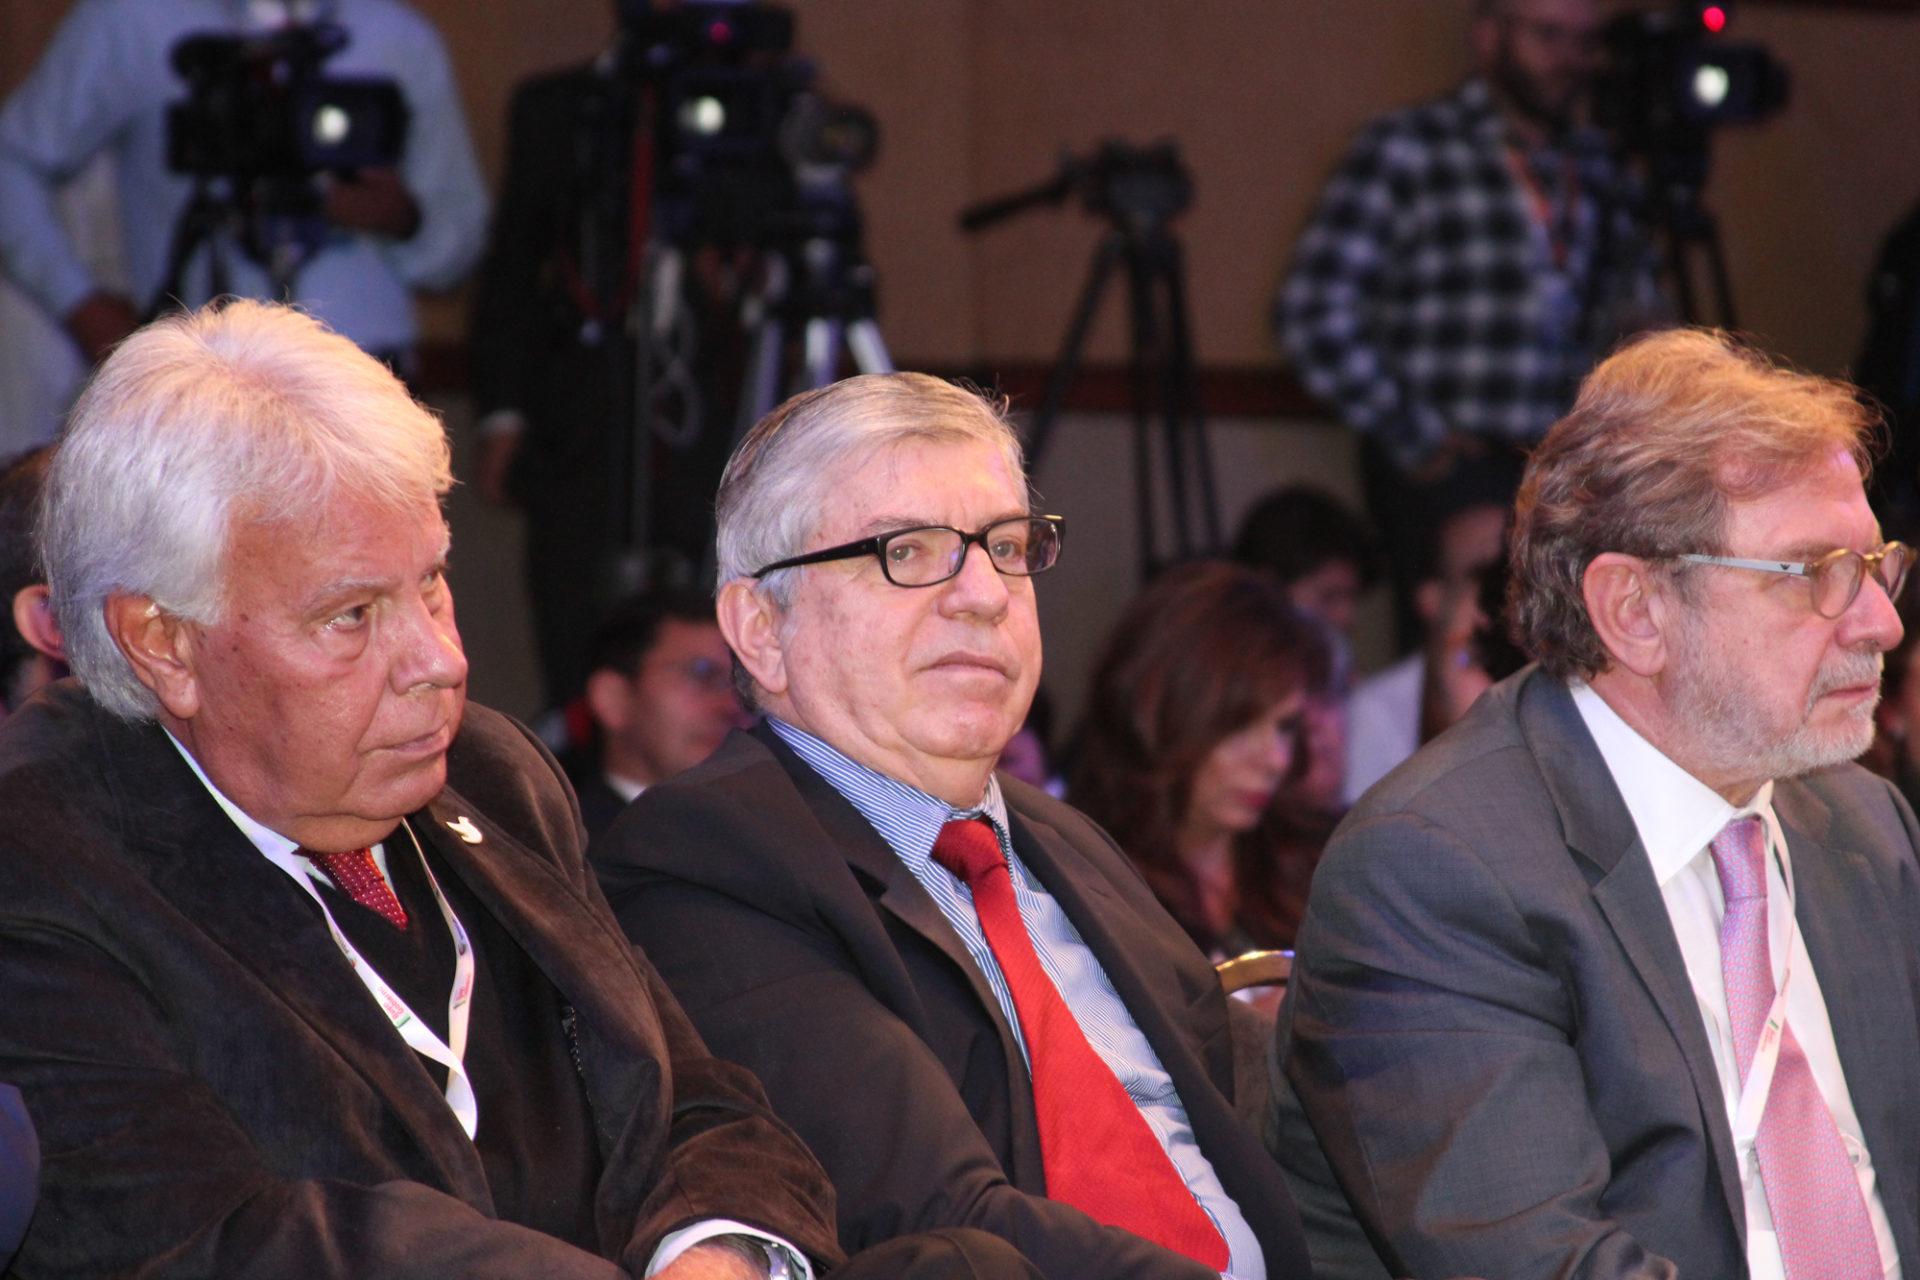 Fotografía de Felipe González, Cesar Gaviria y Juan Luis Cebrian